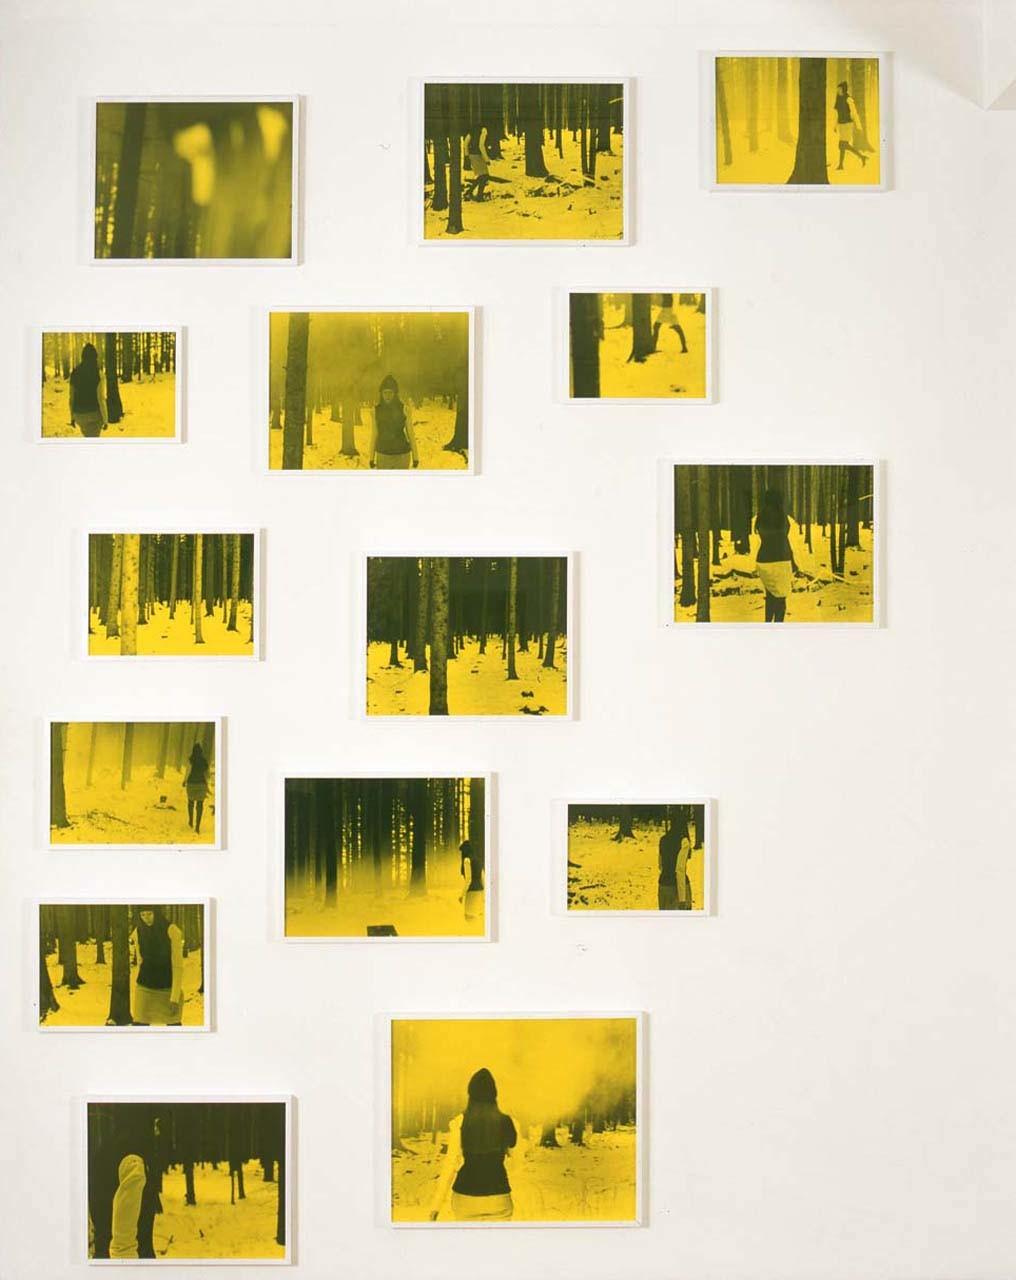 """<div class=""""artwork_caption""""><p>Vierteroktoberneunzehnhundertneunungneunzig, 1999</p></div>"""